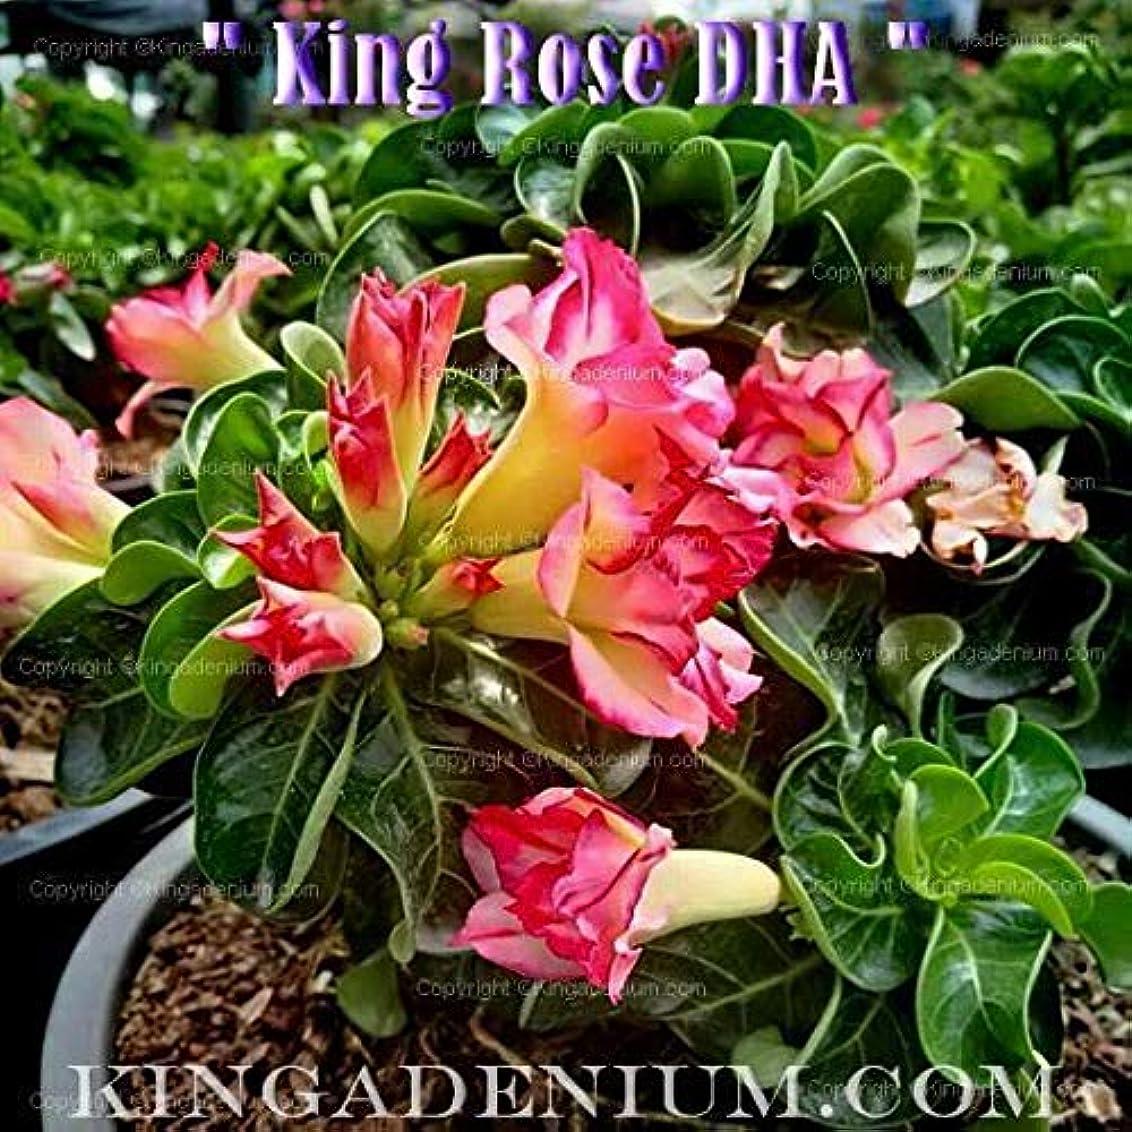 公爵夫人貫入のり有機種子だけでなく、植物:アデニウムOBESUM DESERTは